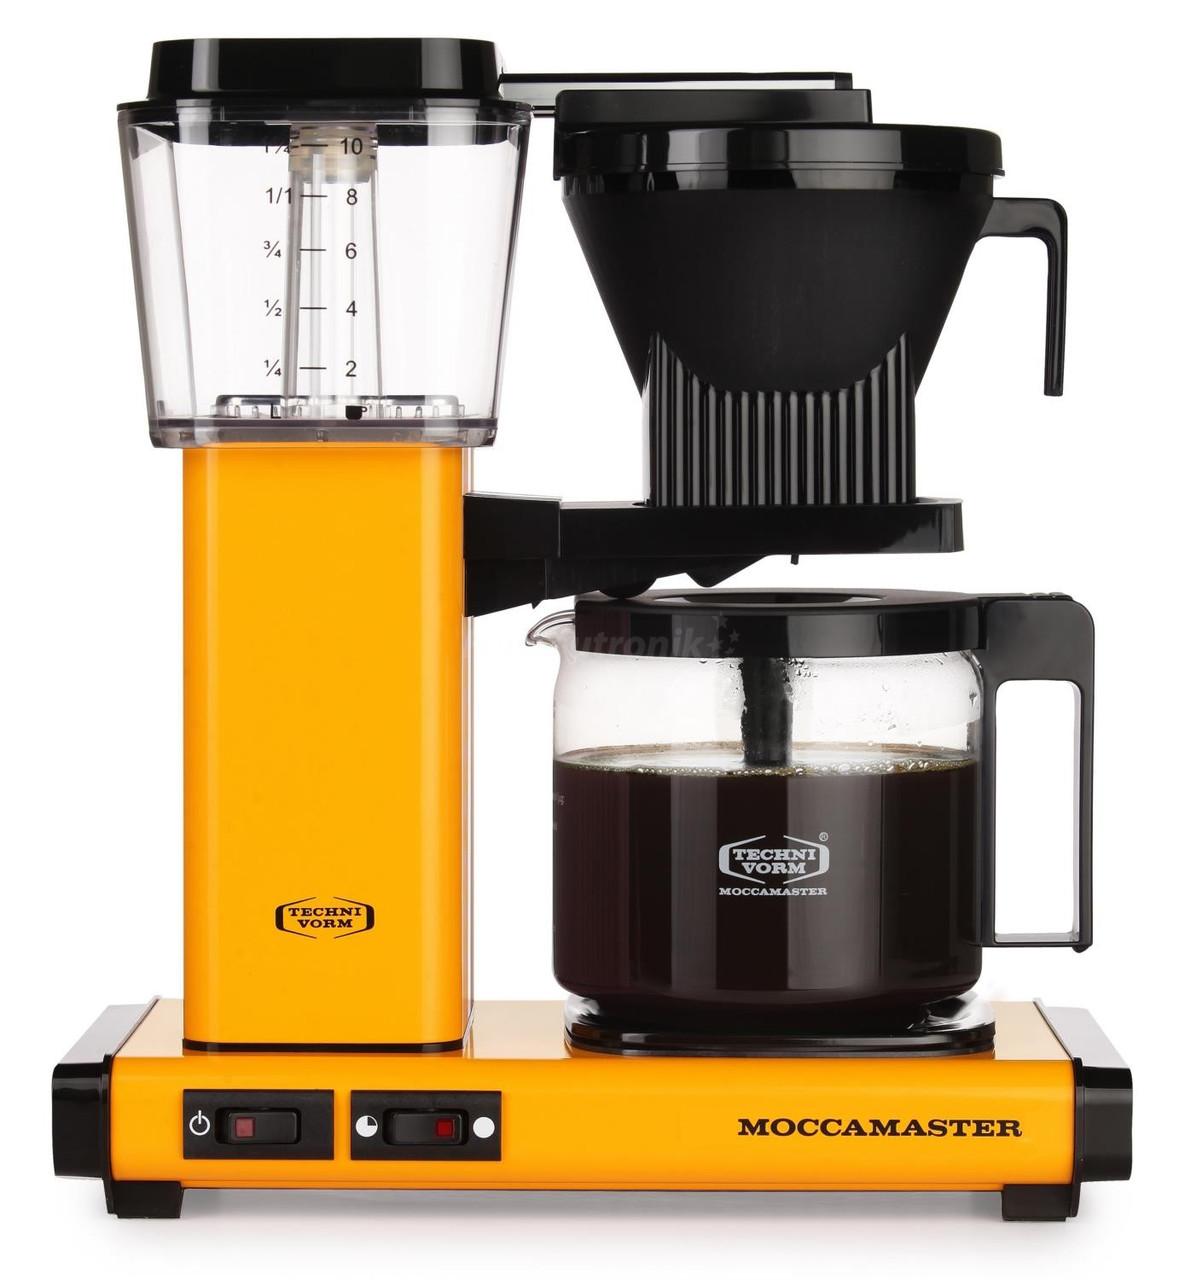 Moccamaster KBG 741 AO Yellow Pepper